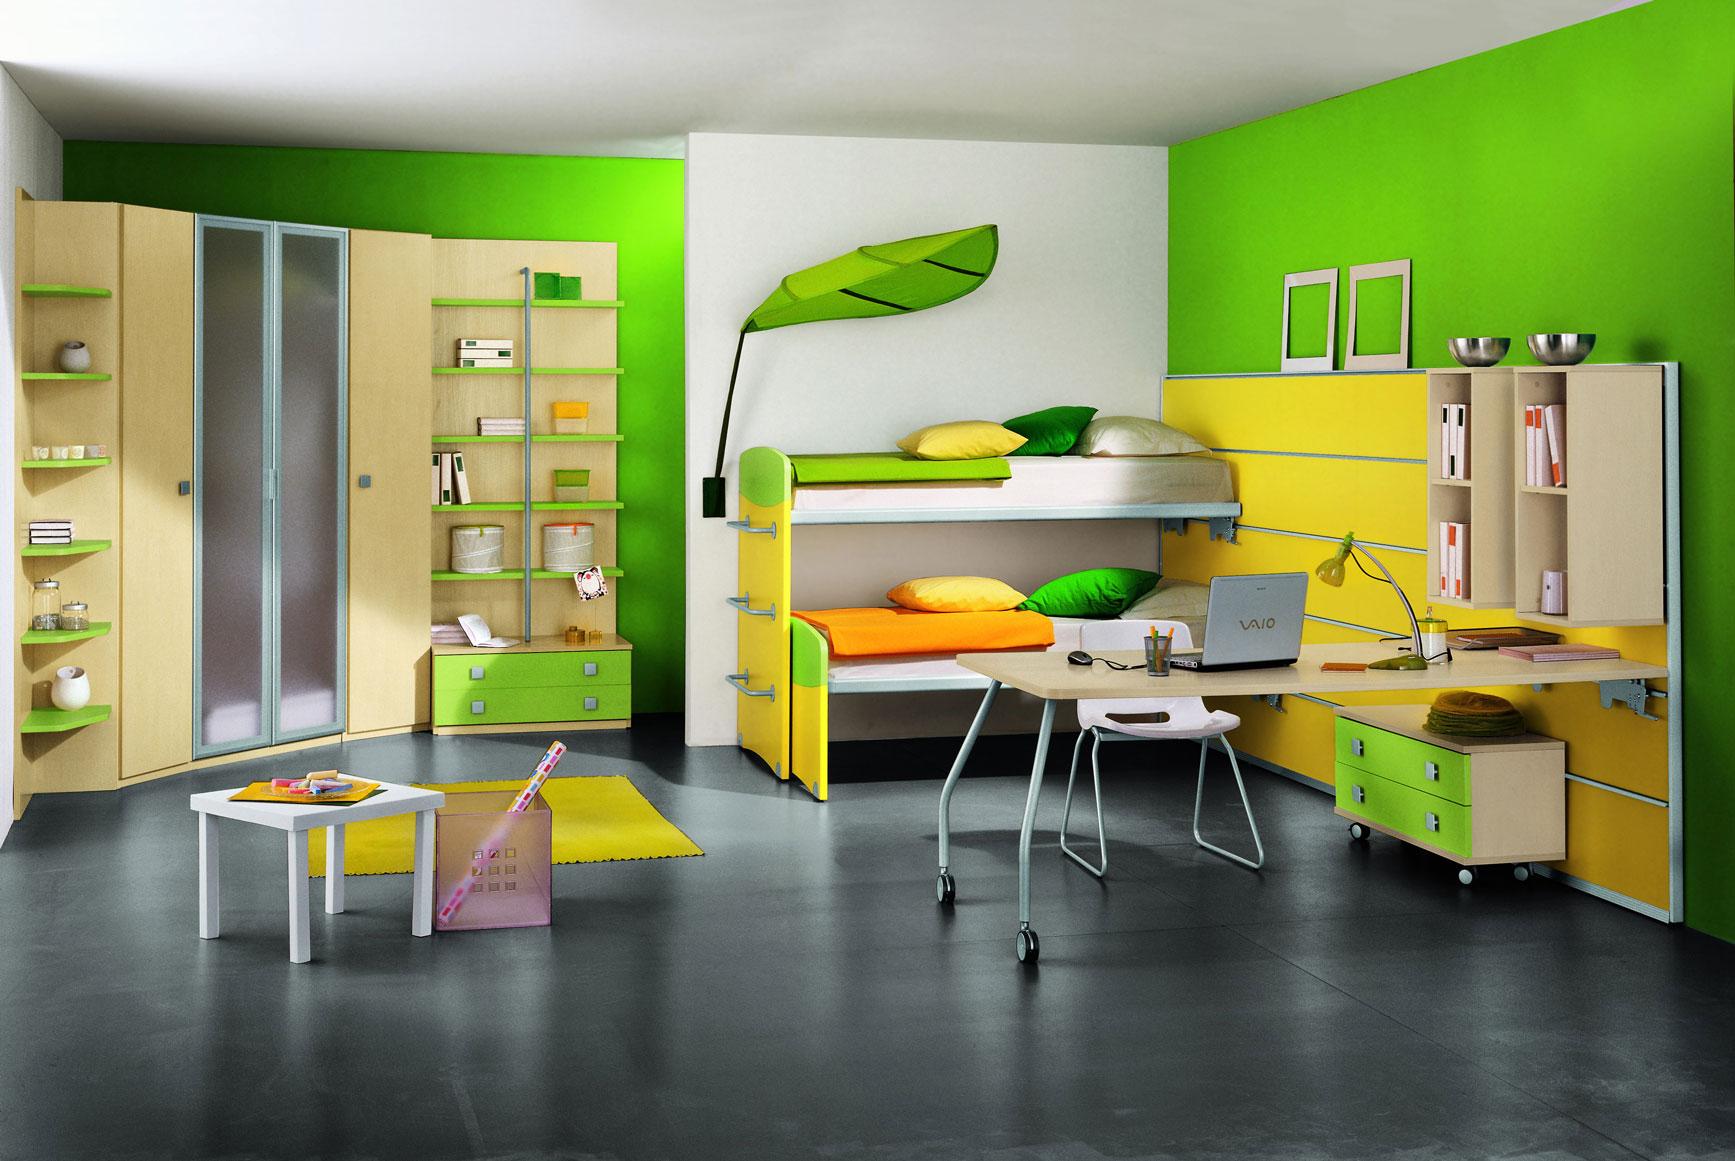 modern kid furniture modernkidsroomgreen modern kid furniture  - modern kid furniture modernkidsroomgreen modern kid furniture